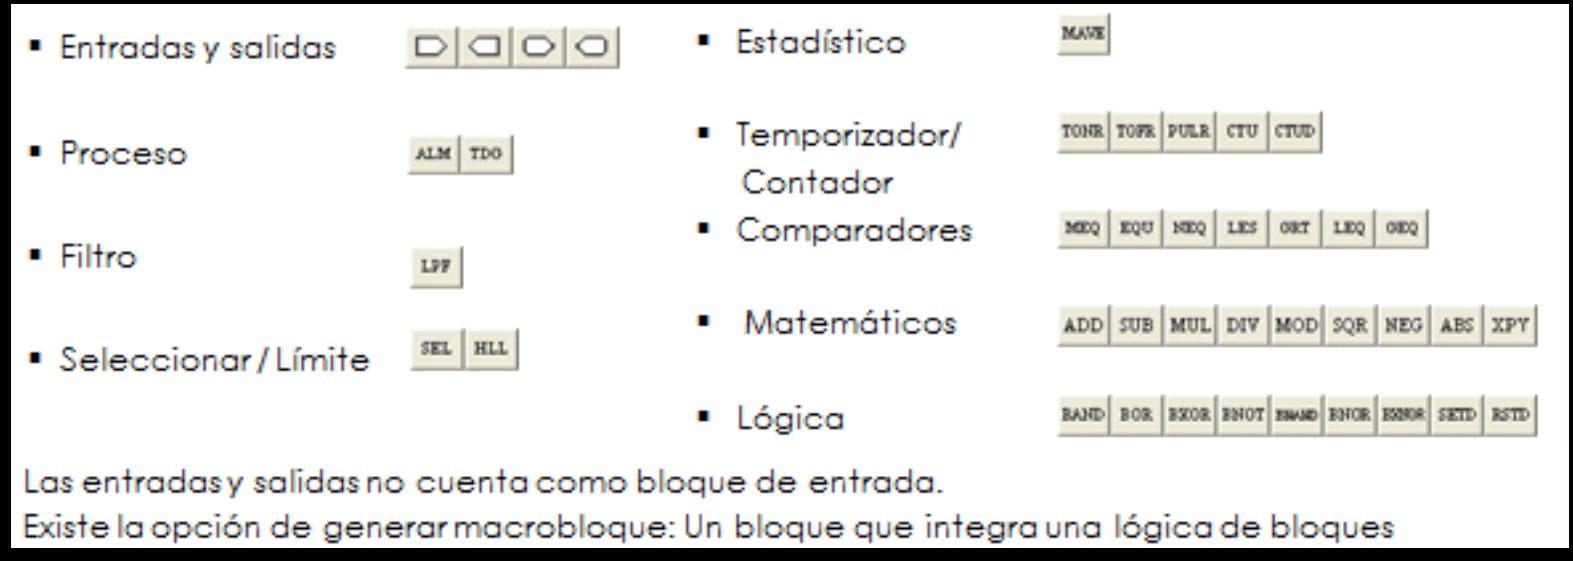 Funciones disponibles en el DeviceLogix